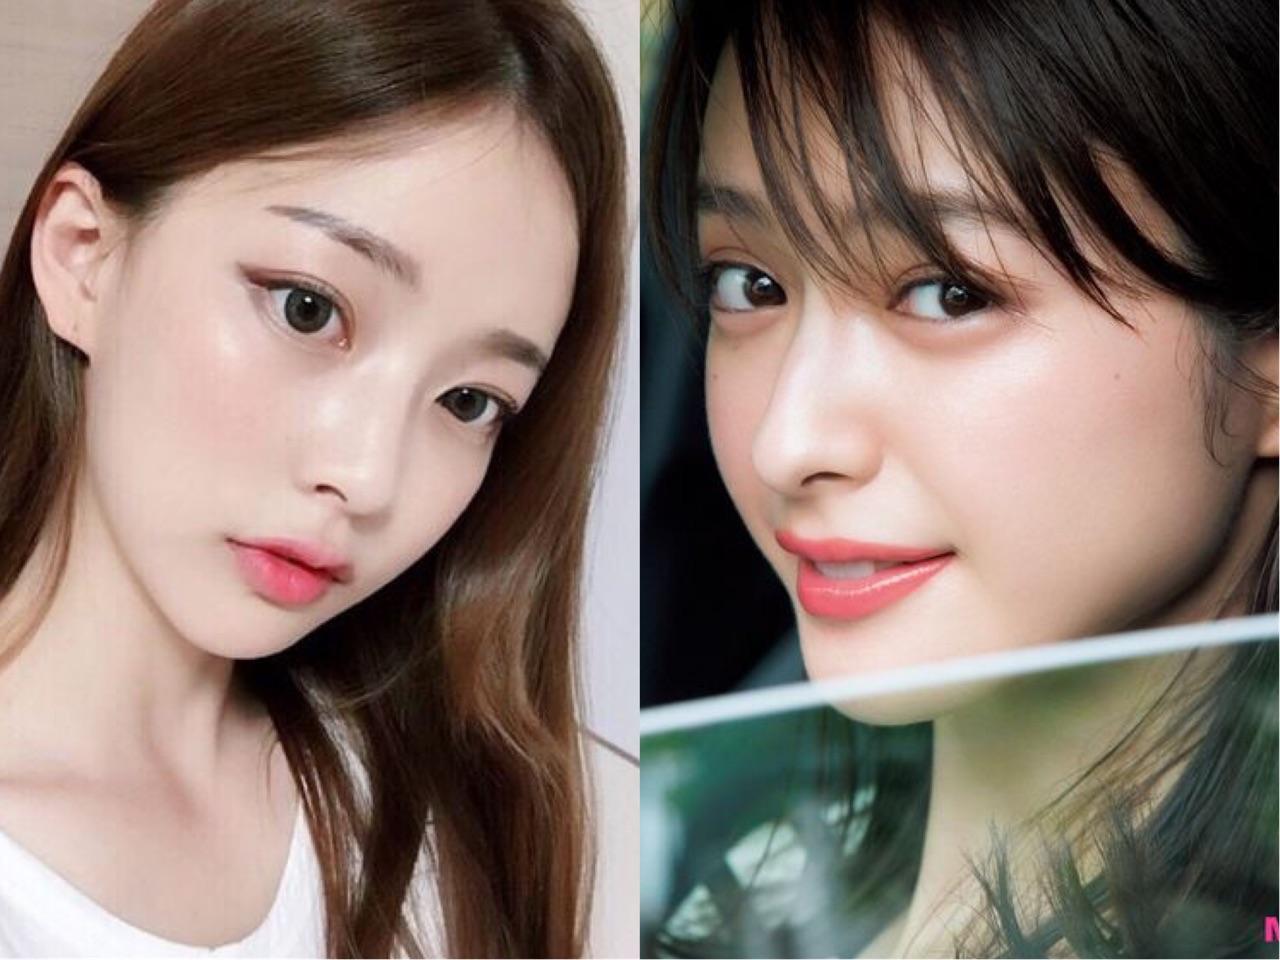 Dưỡng trắng như gái Hàn, chống nắng như gái Nhật: bí kíp sở hữu làn da trắng sáng cho các nàng mùa hè này.